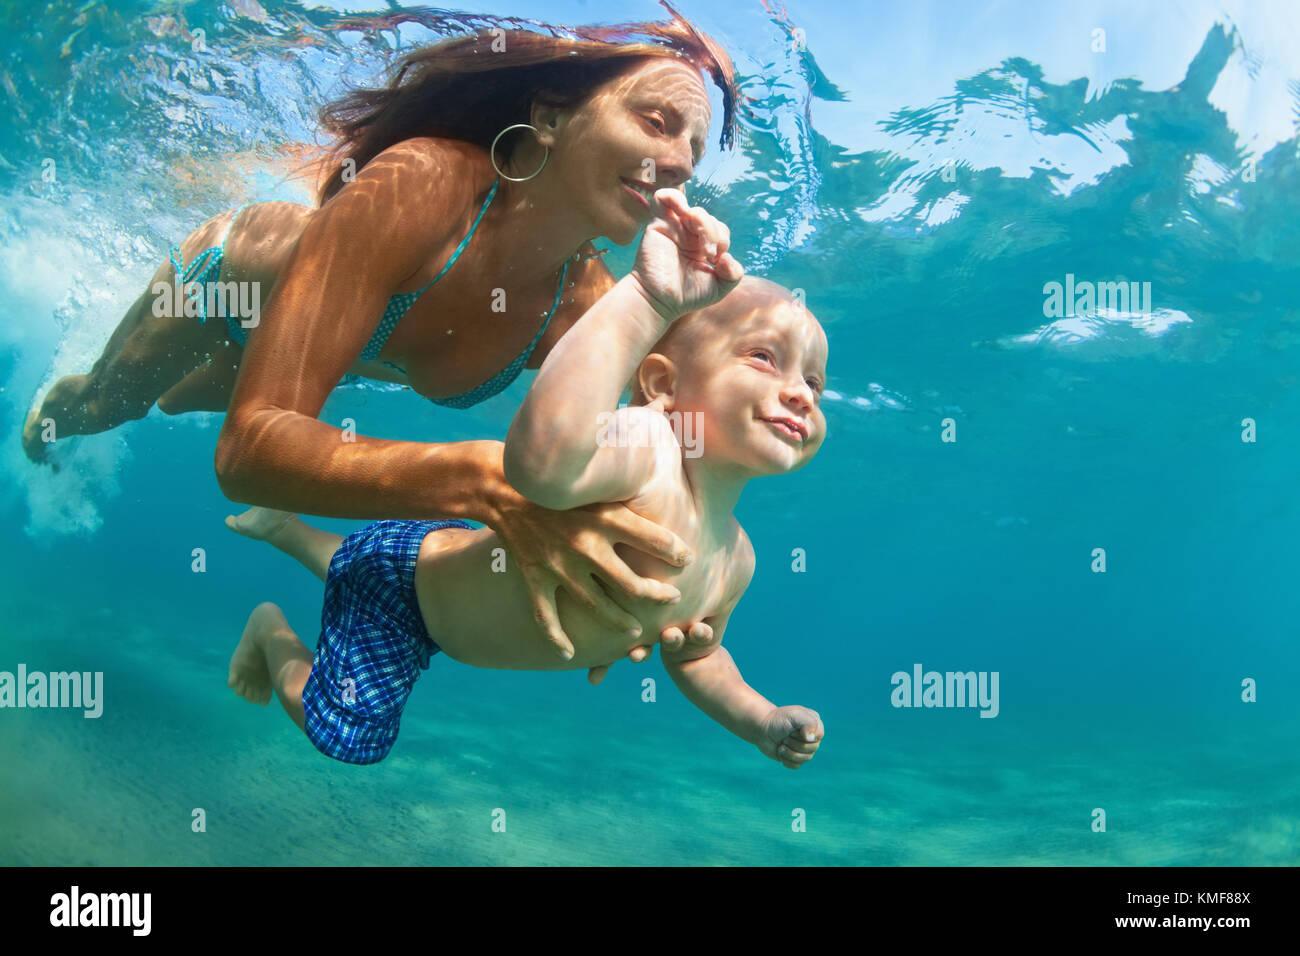 - Mère de famille heureuse avec son bébé sous-marine Plongée avec plaisir dans la piscine de la mer. mode de vie Banque D'Images